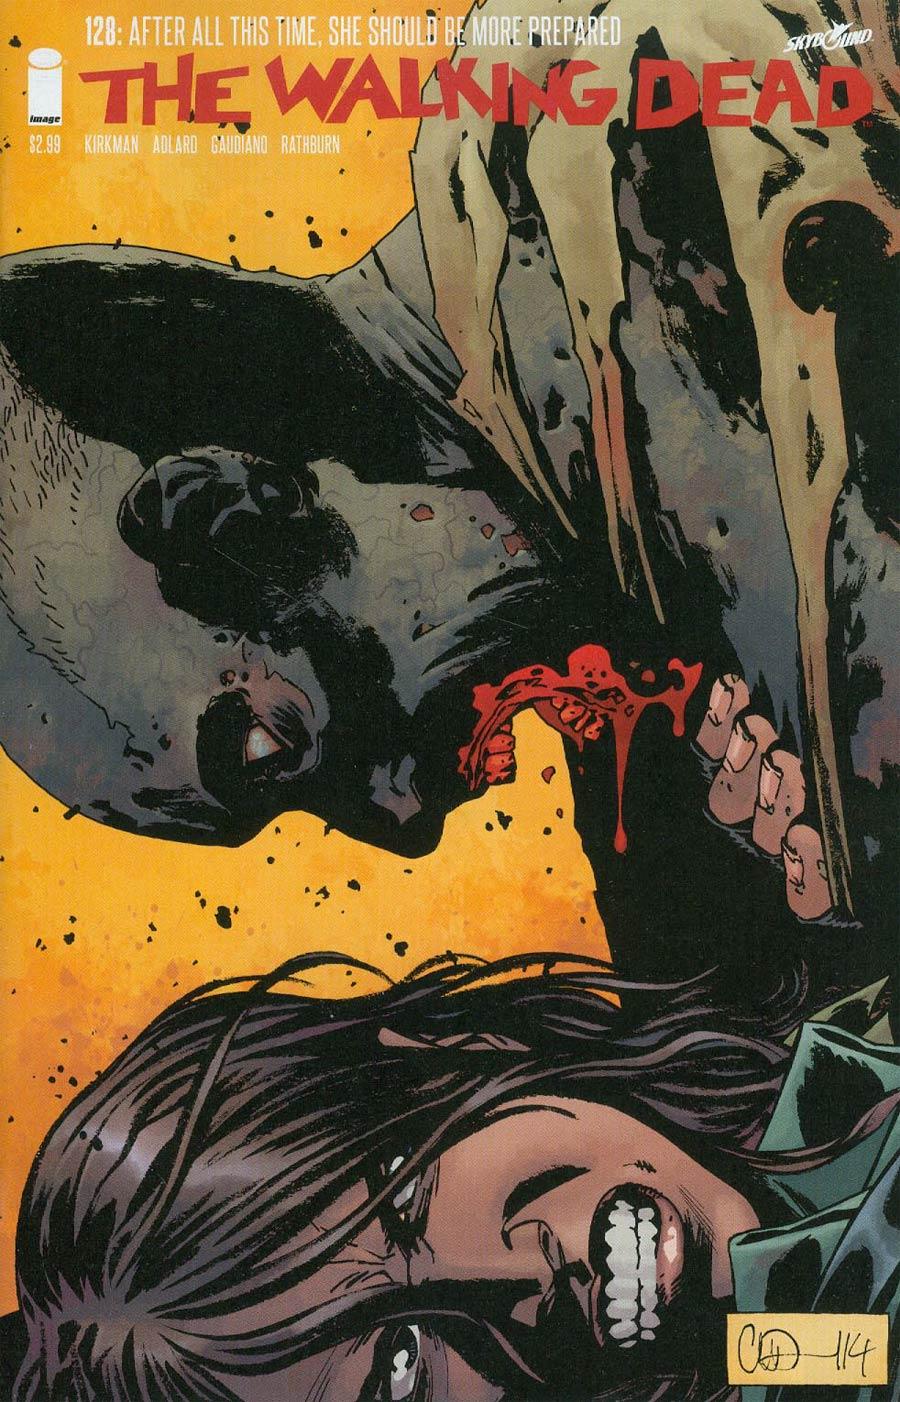 Walking Dead #128